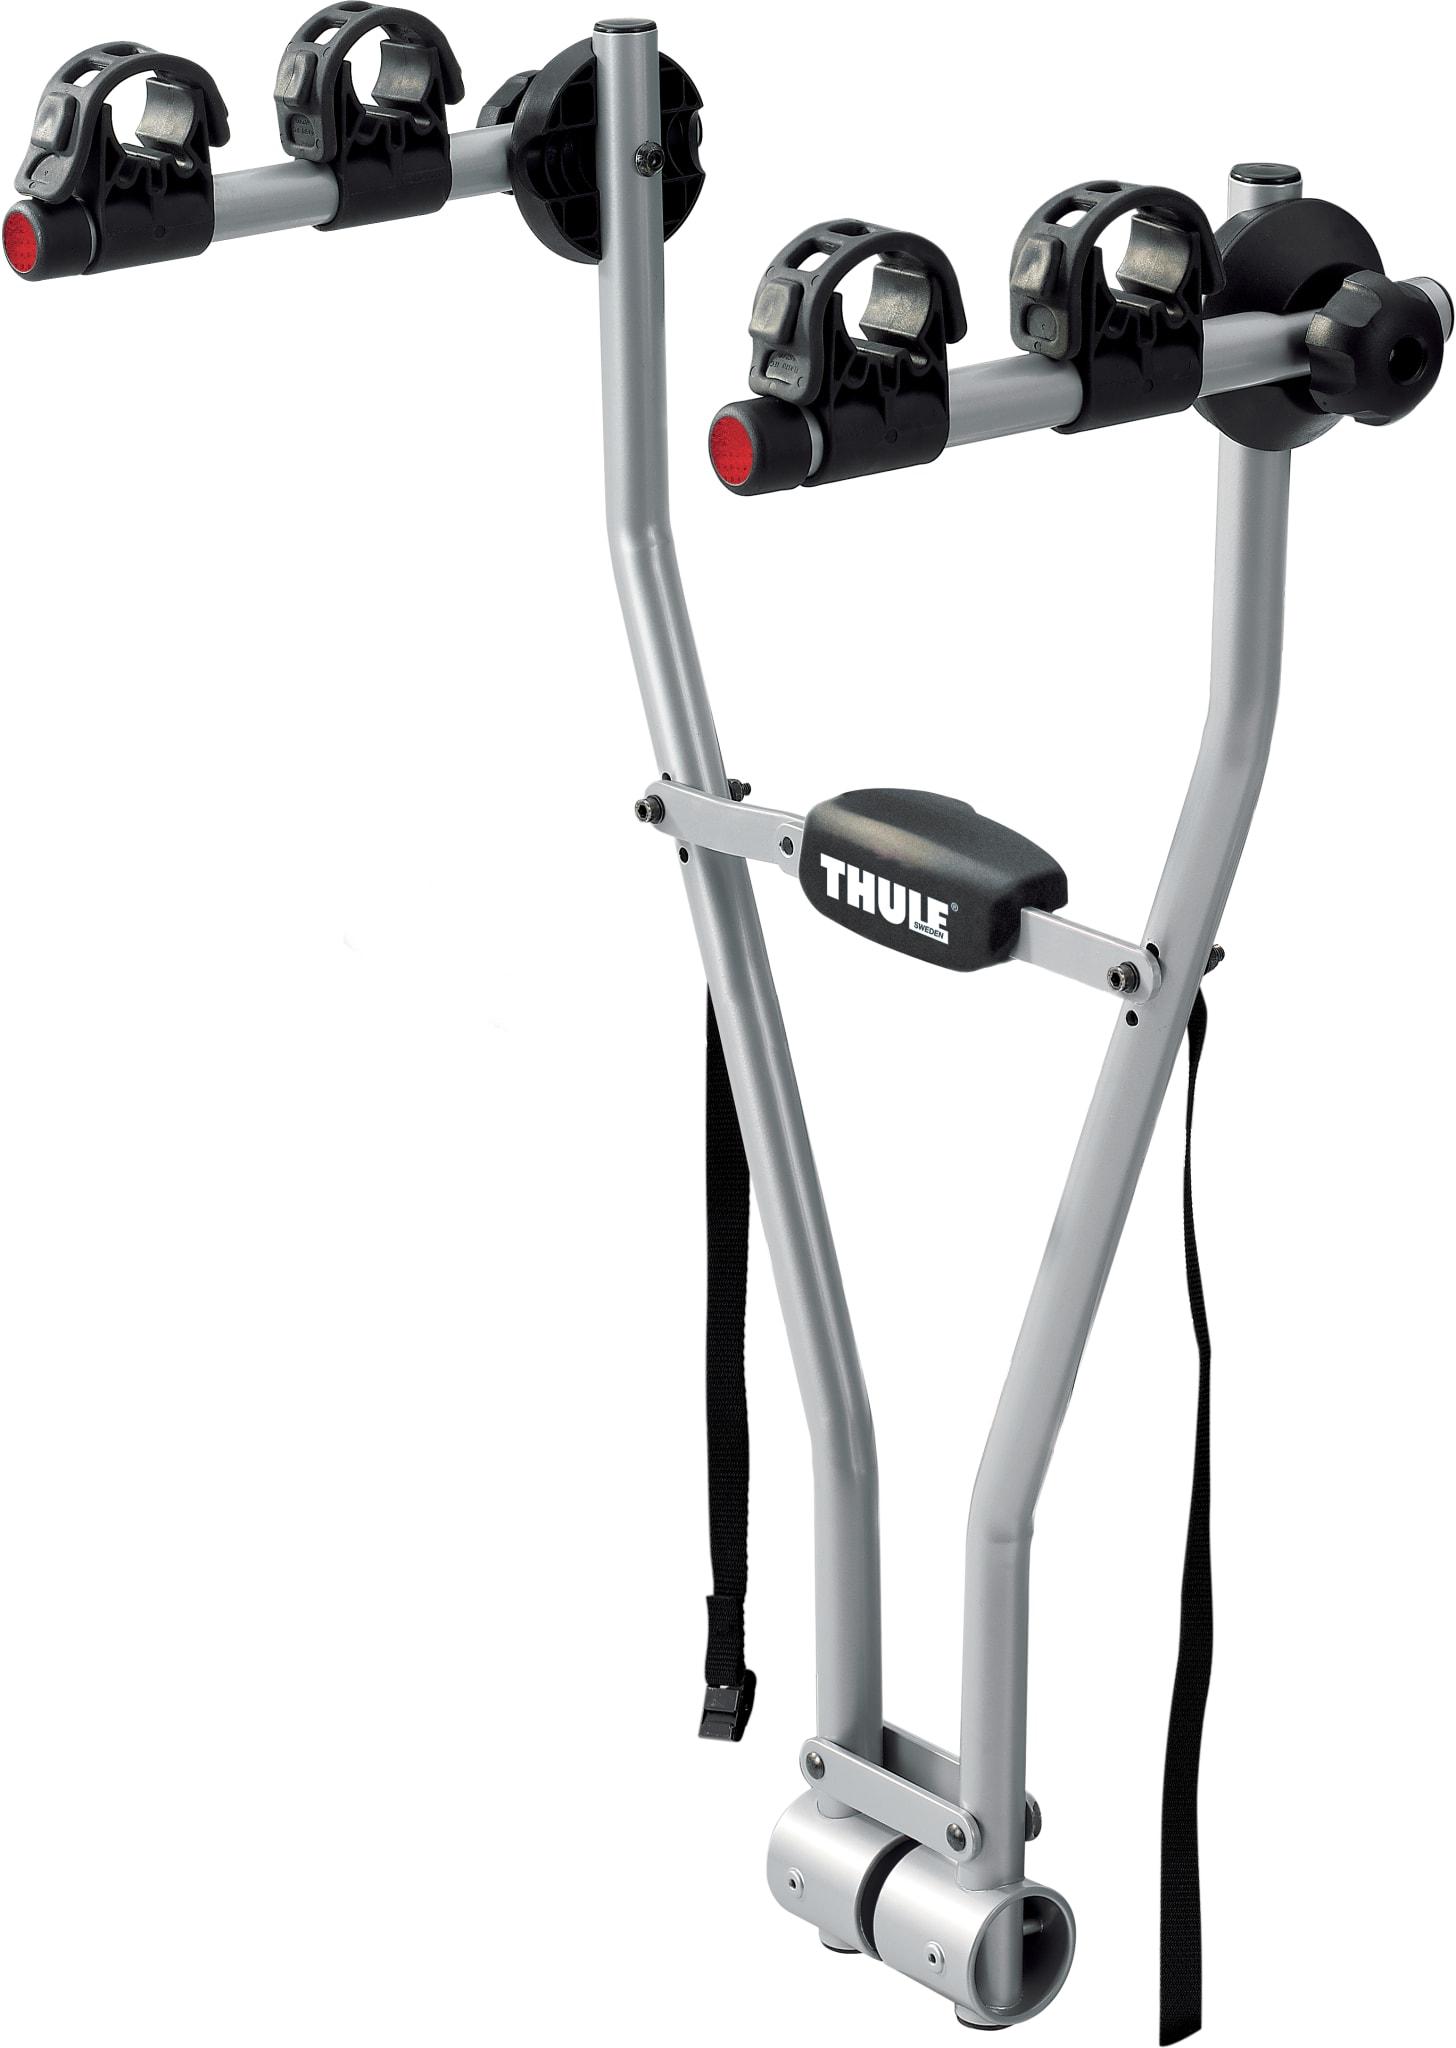 Enkelt, raskt og brukervennlig sykkelstativ for to sykler